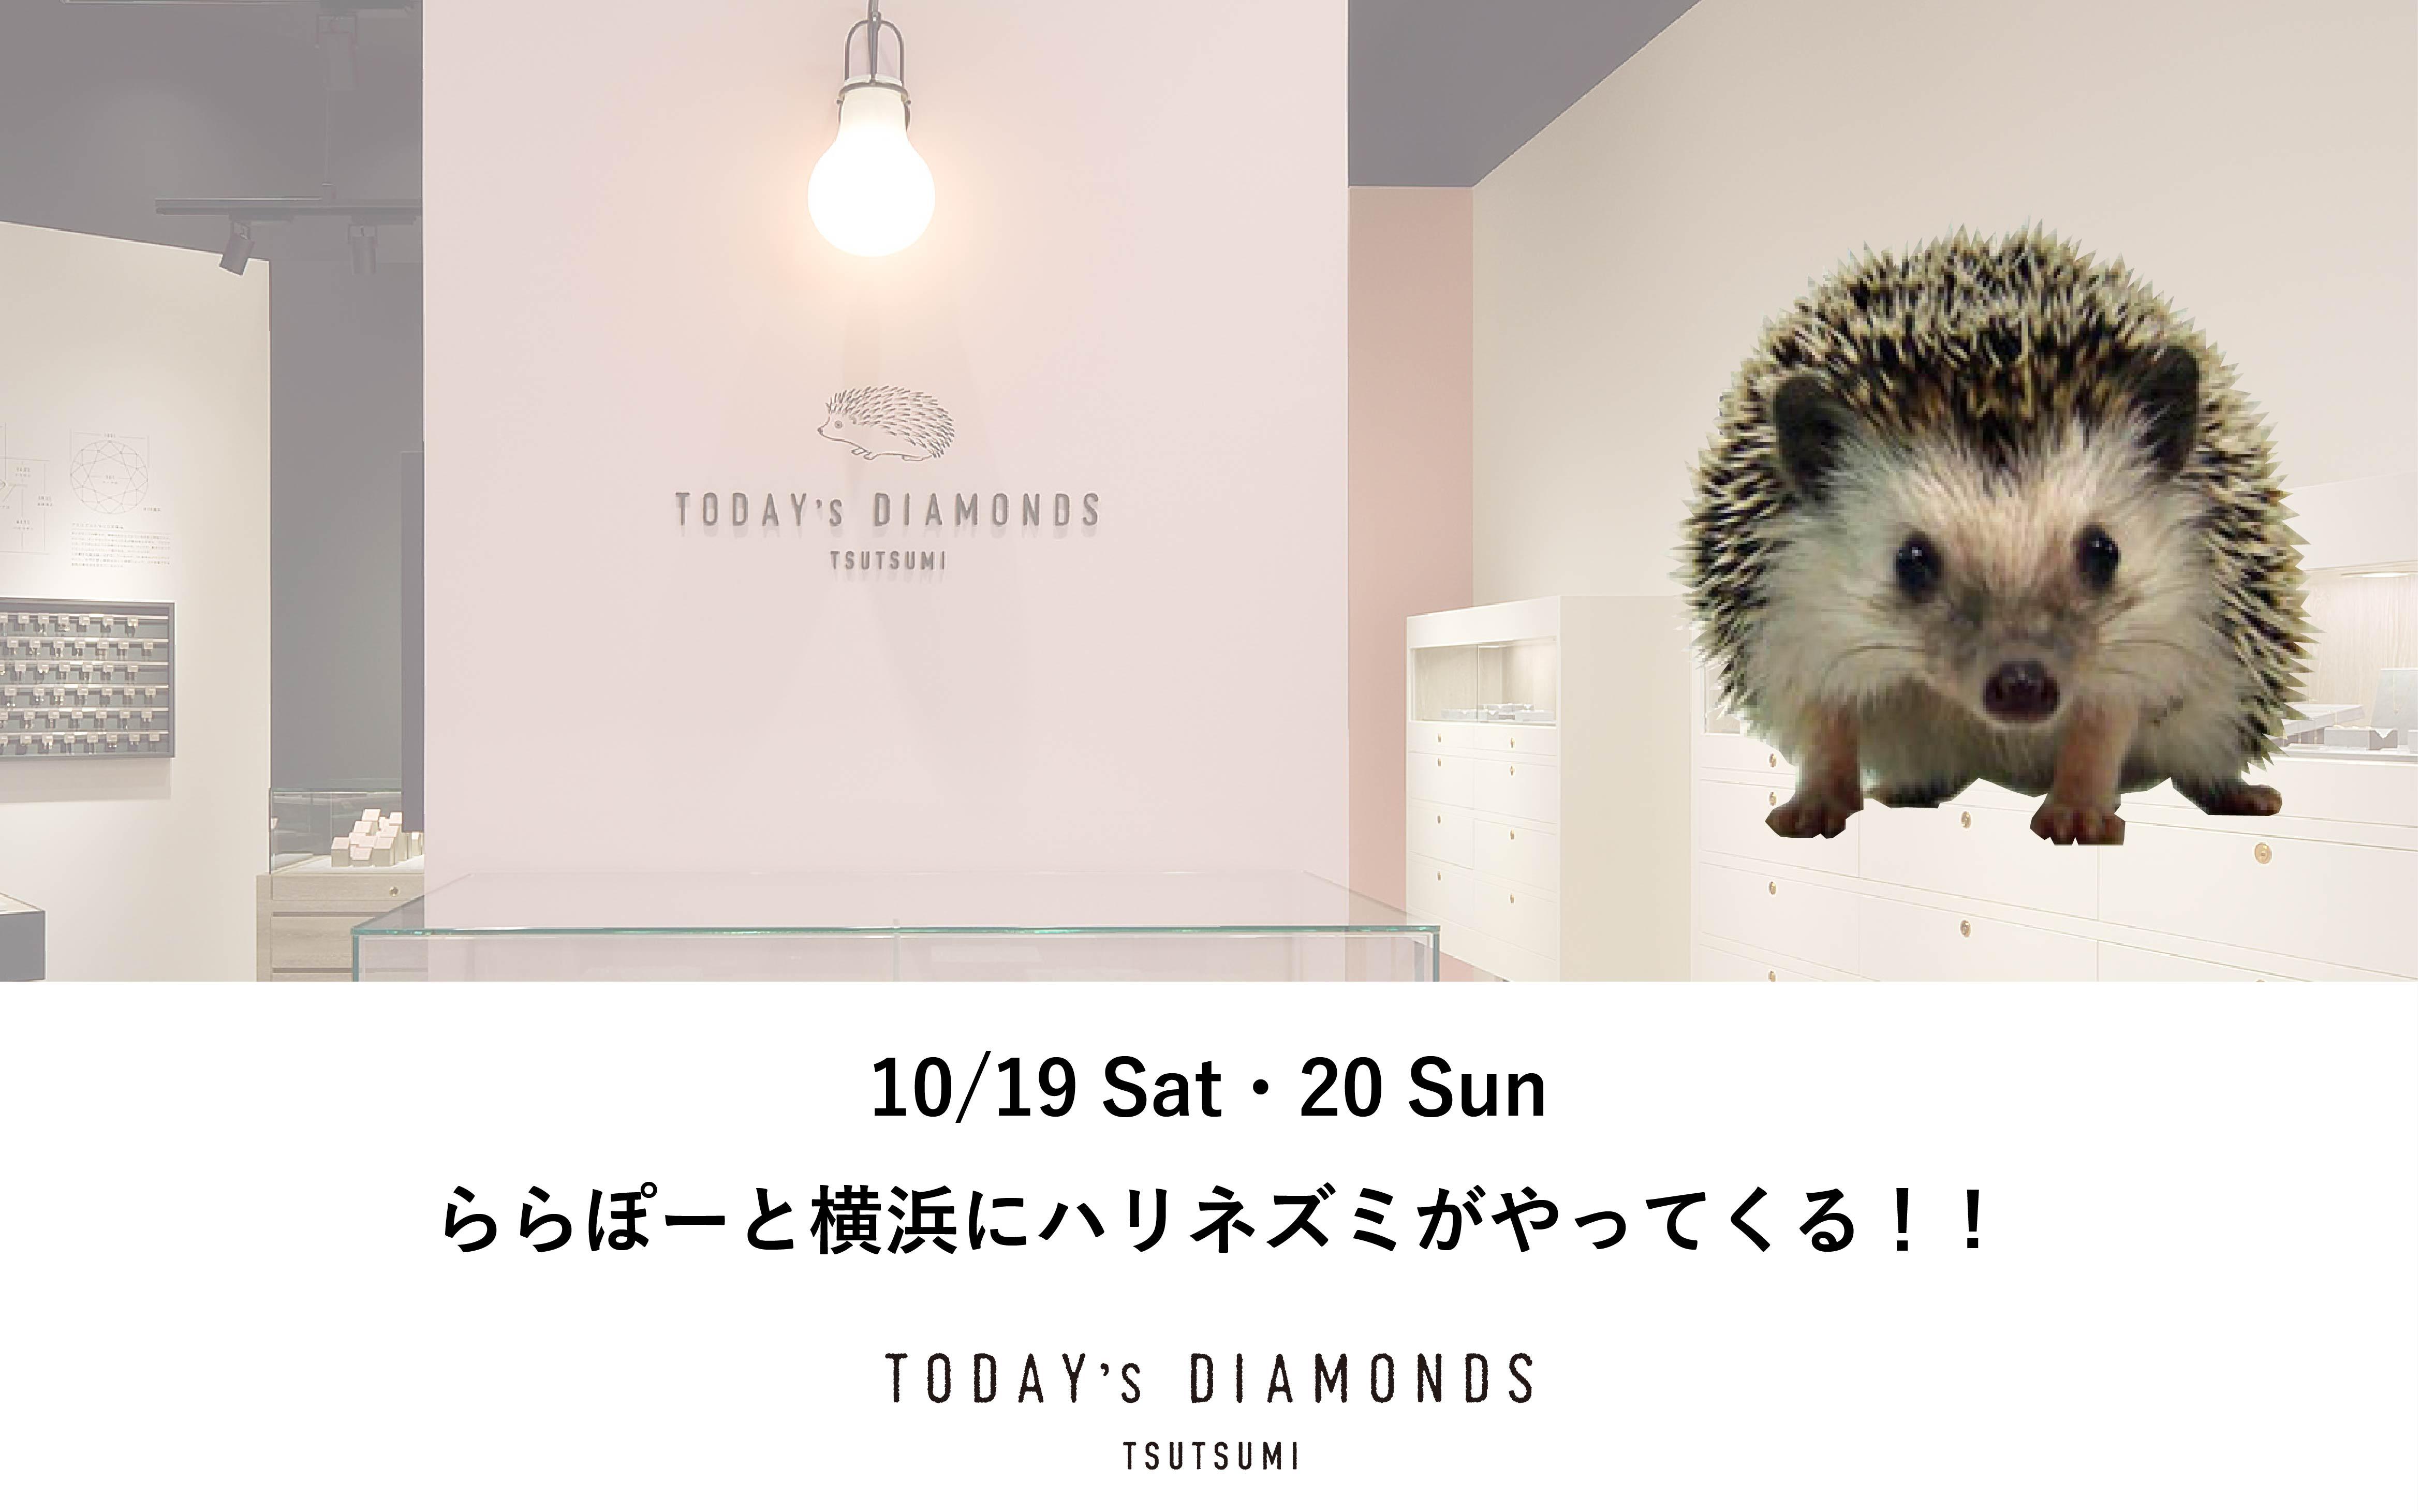 ららぽーと横浜にハリネズミがやってくる!